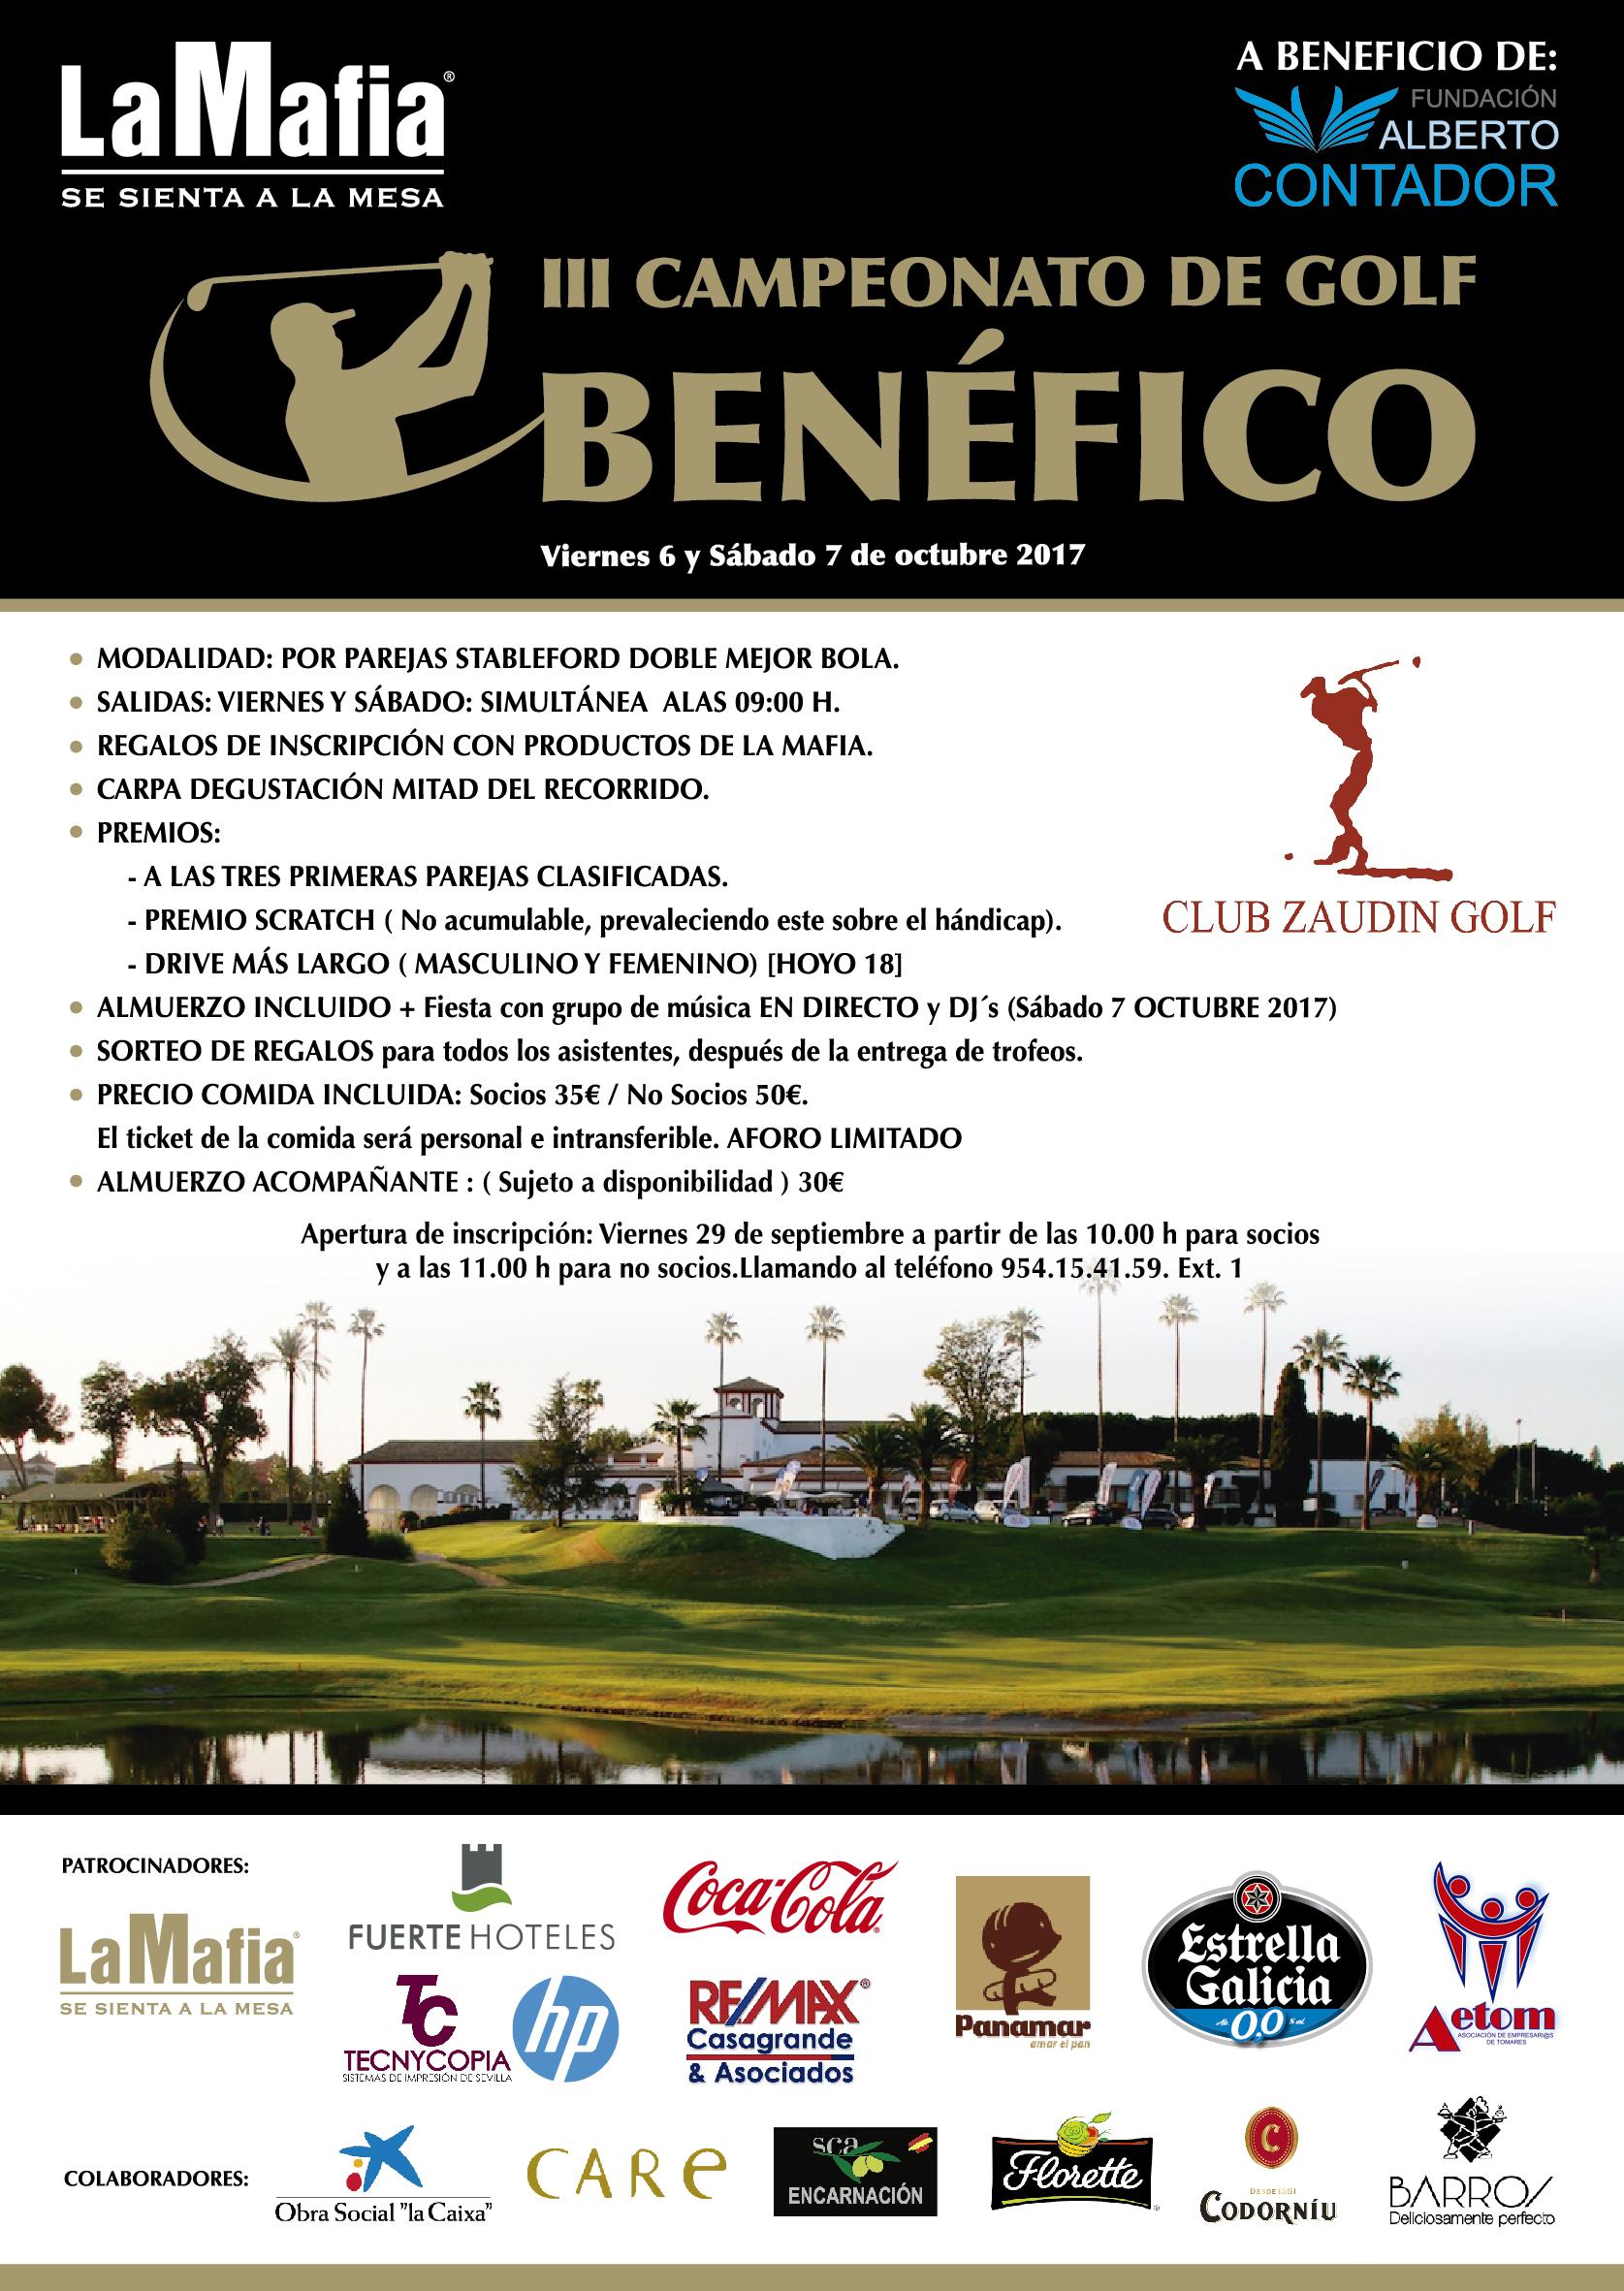 DinA1 Cartel Torneo Golf WEB - III Campeonato de Golf en beneficio de la Fundación Alberto Contador